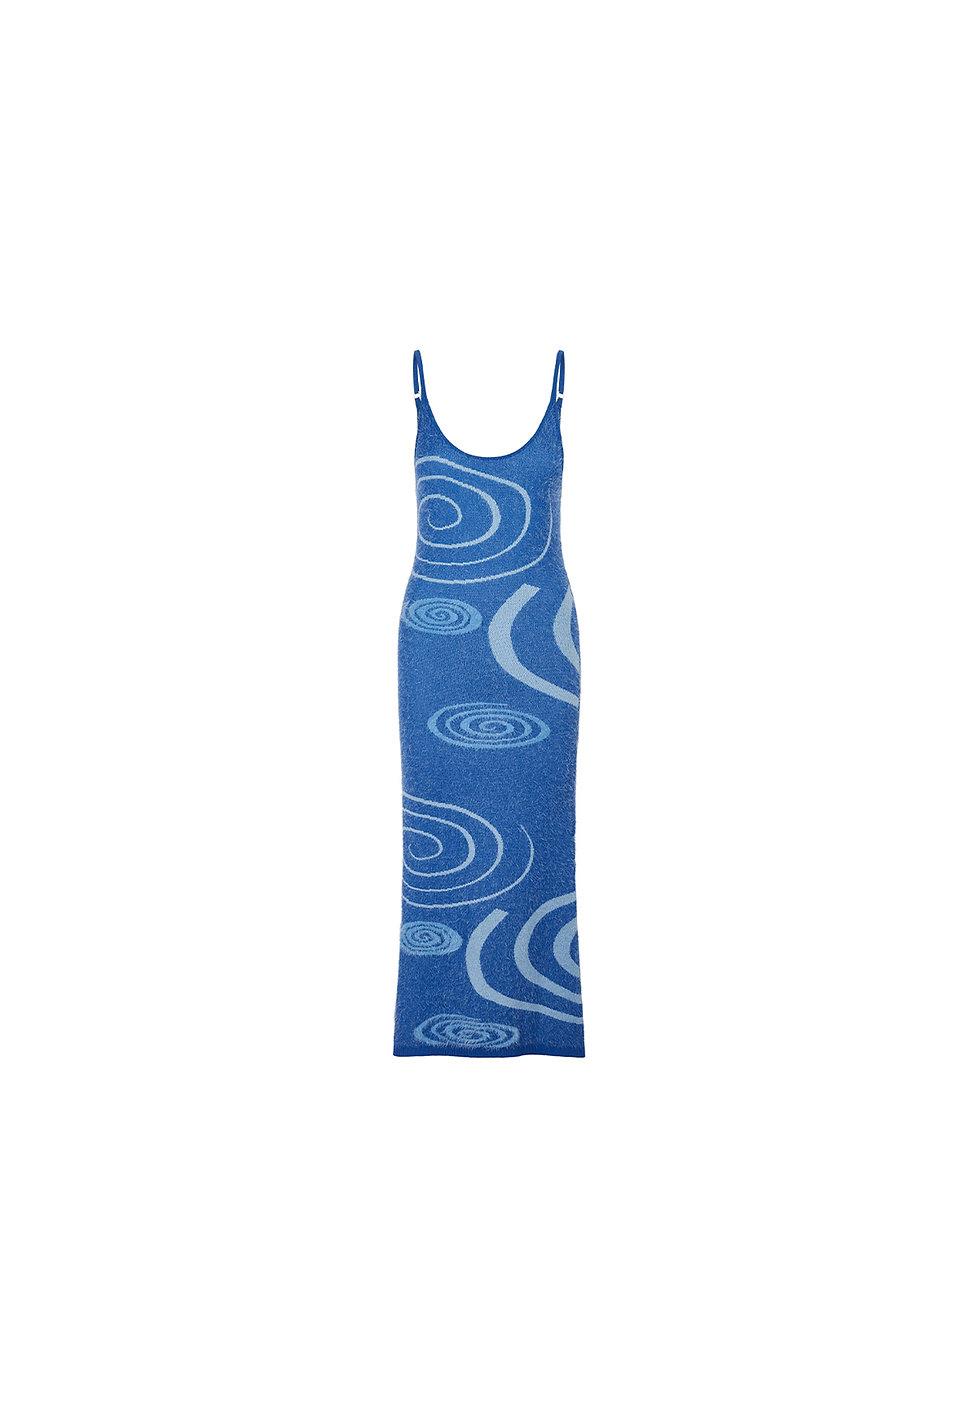 VOL18125 Blue Swirl Knit Dress A.jpg